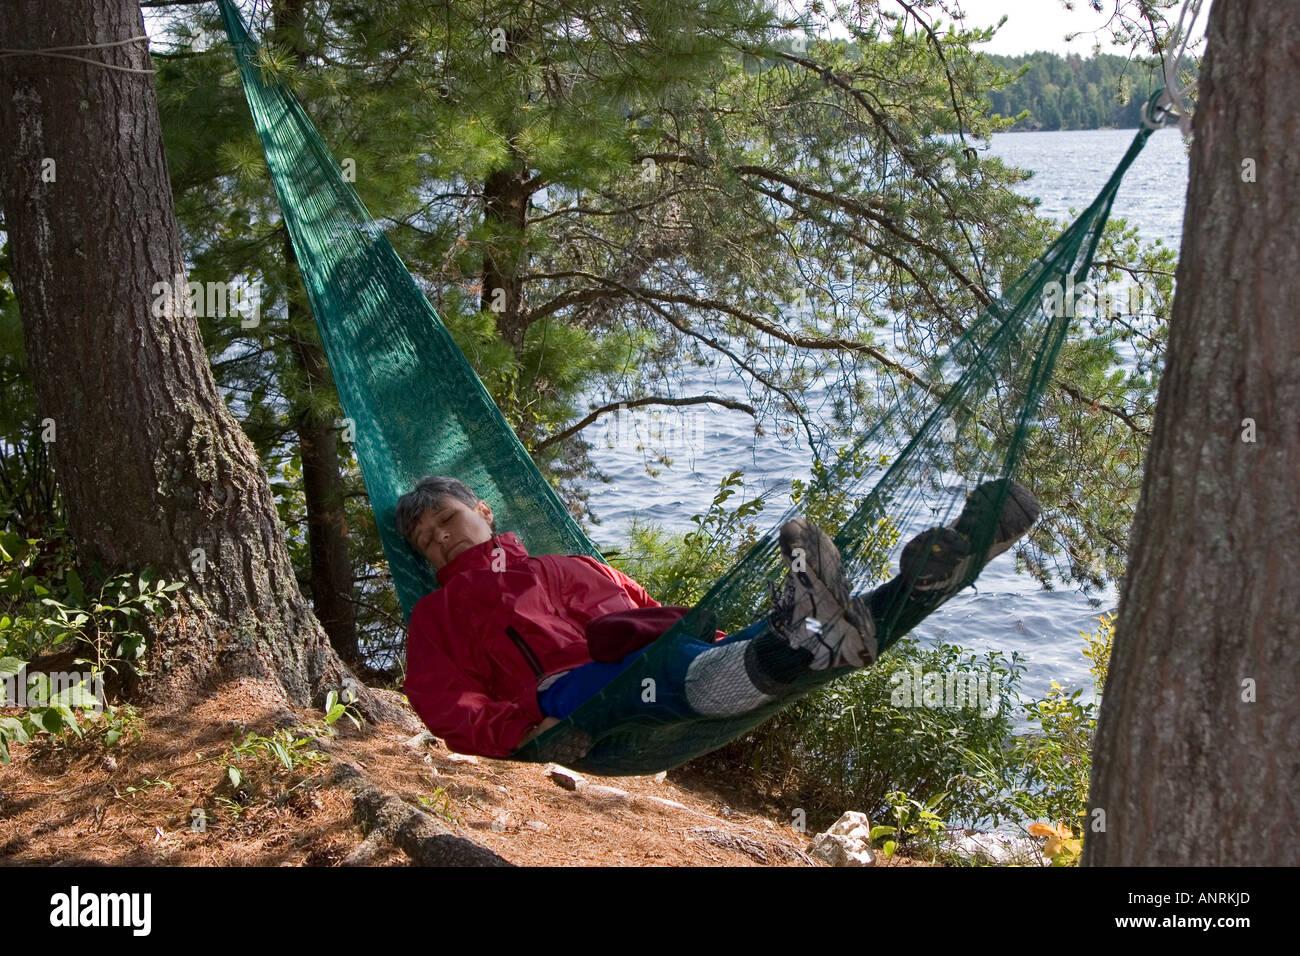 El Parque Provincial Quetico Ontario Florencia Monnier duerme en una hamaca durante una canoa camping Imagen De Stock